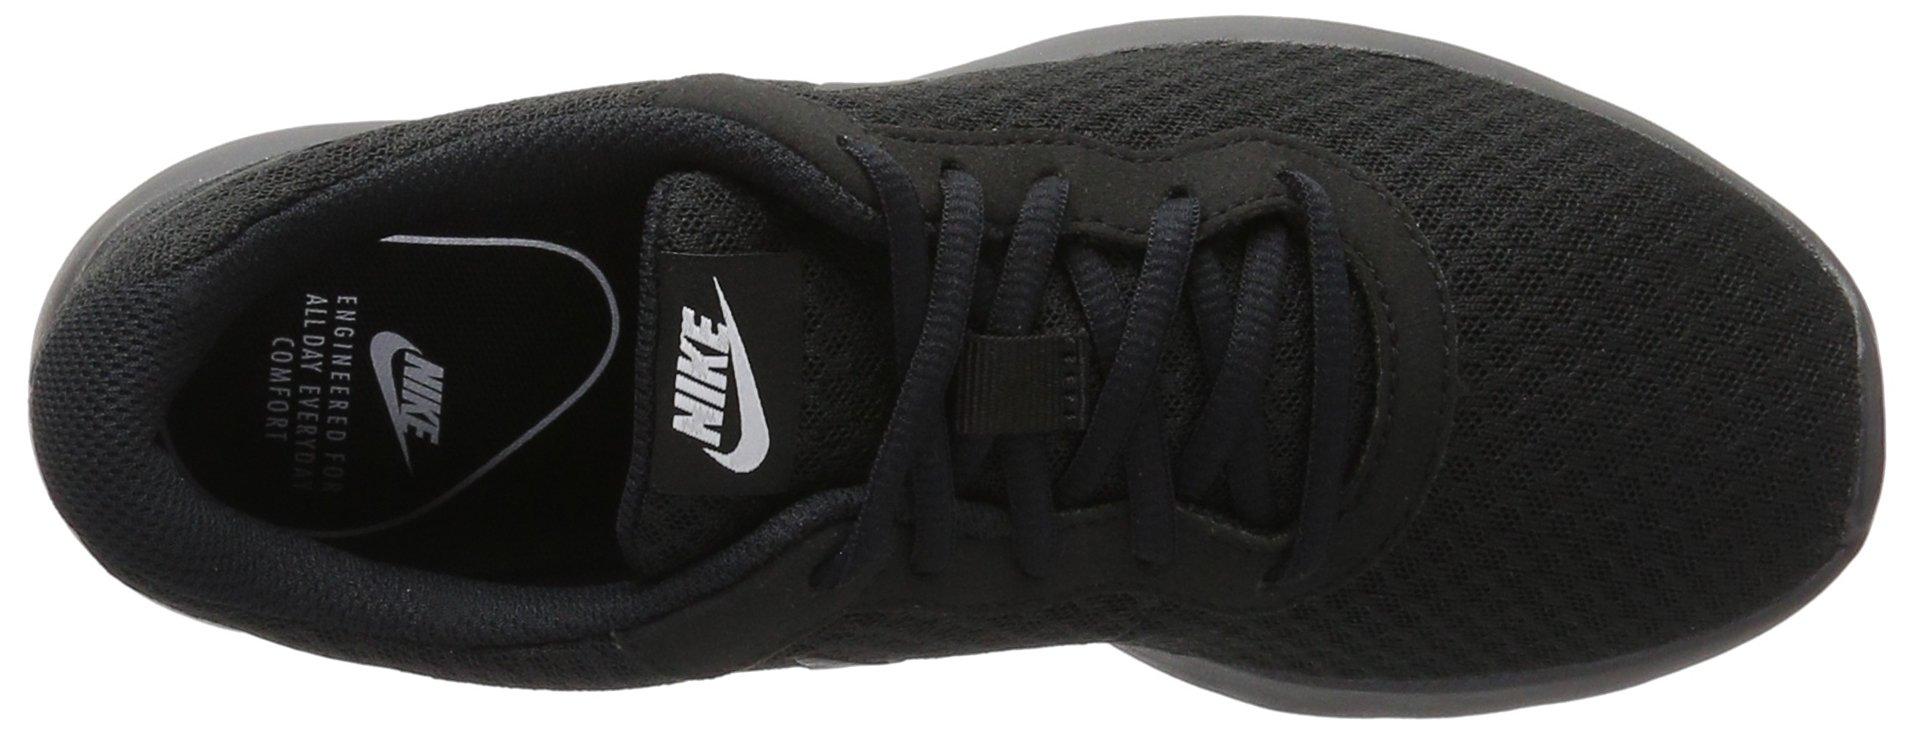 Nike Womens Tanjun Black/Black/White Running Shoe 6.5 Women US